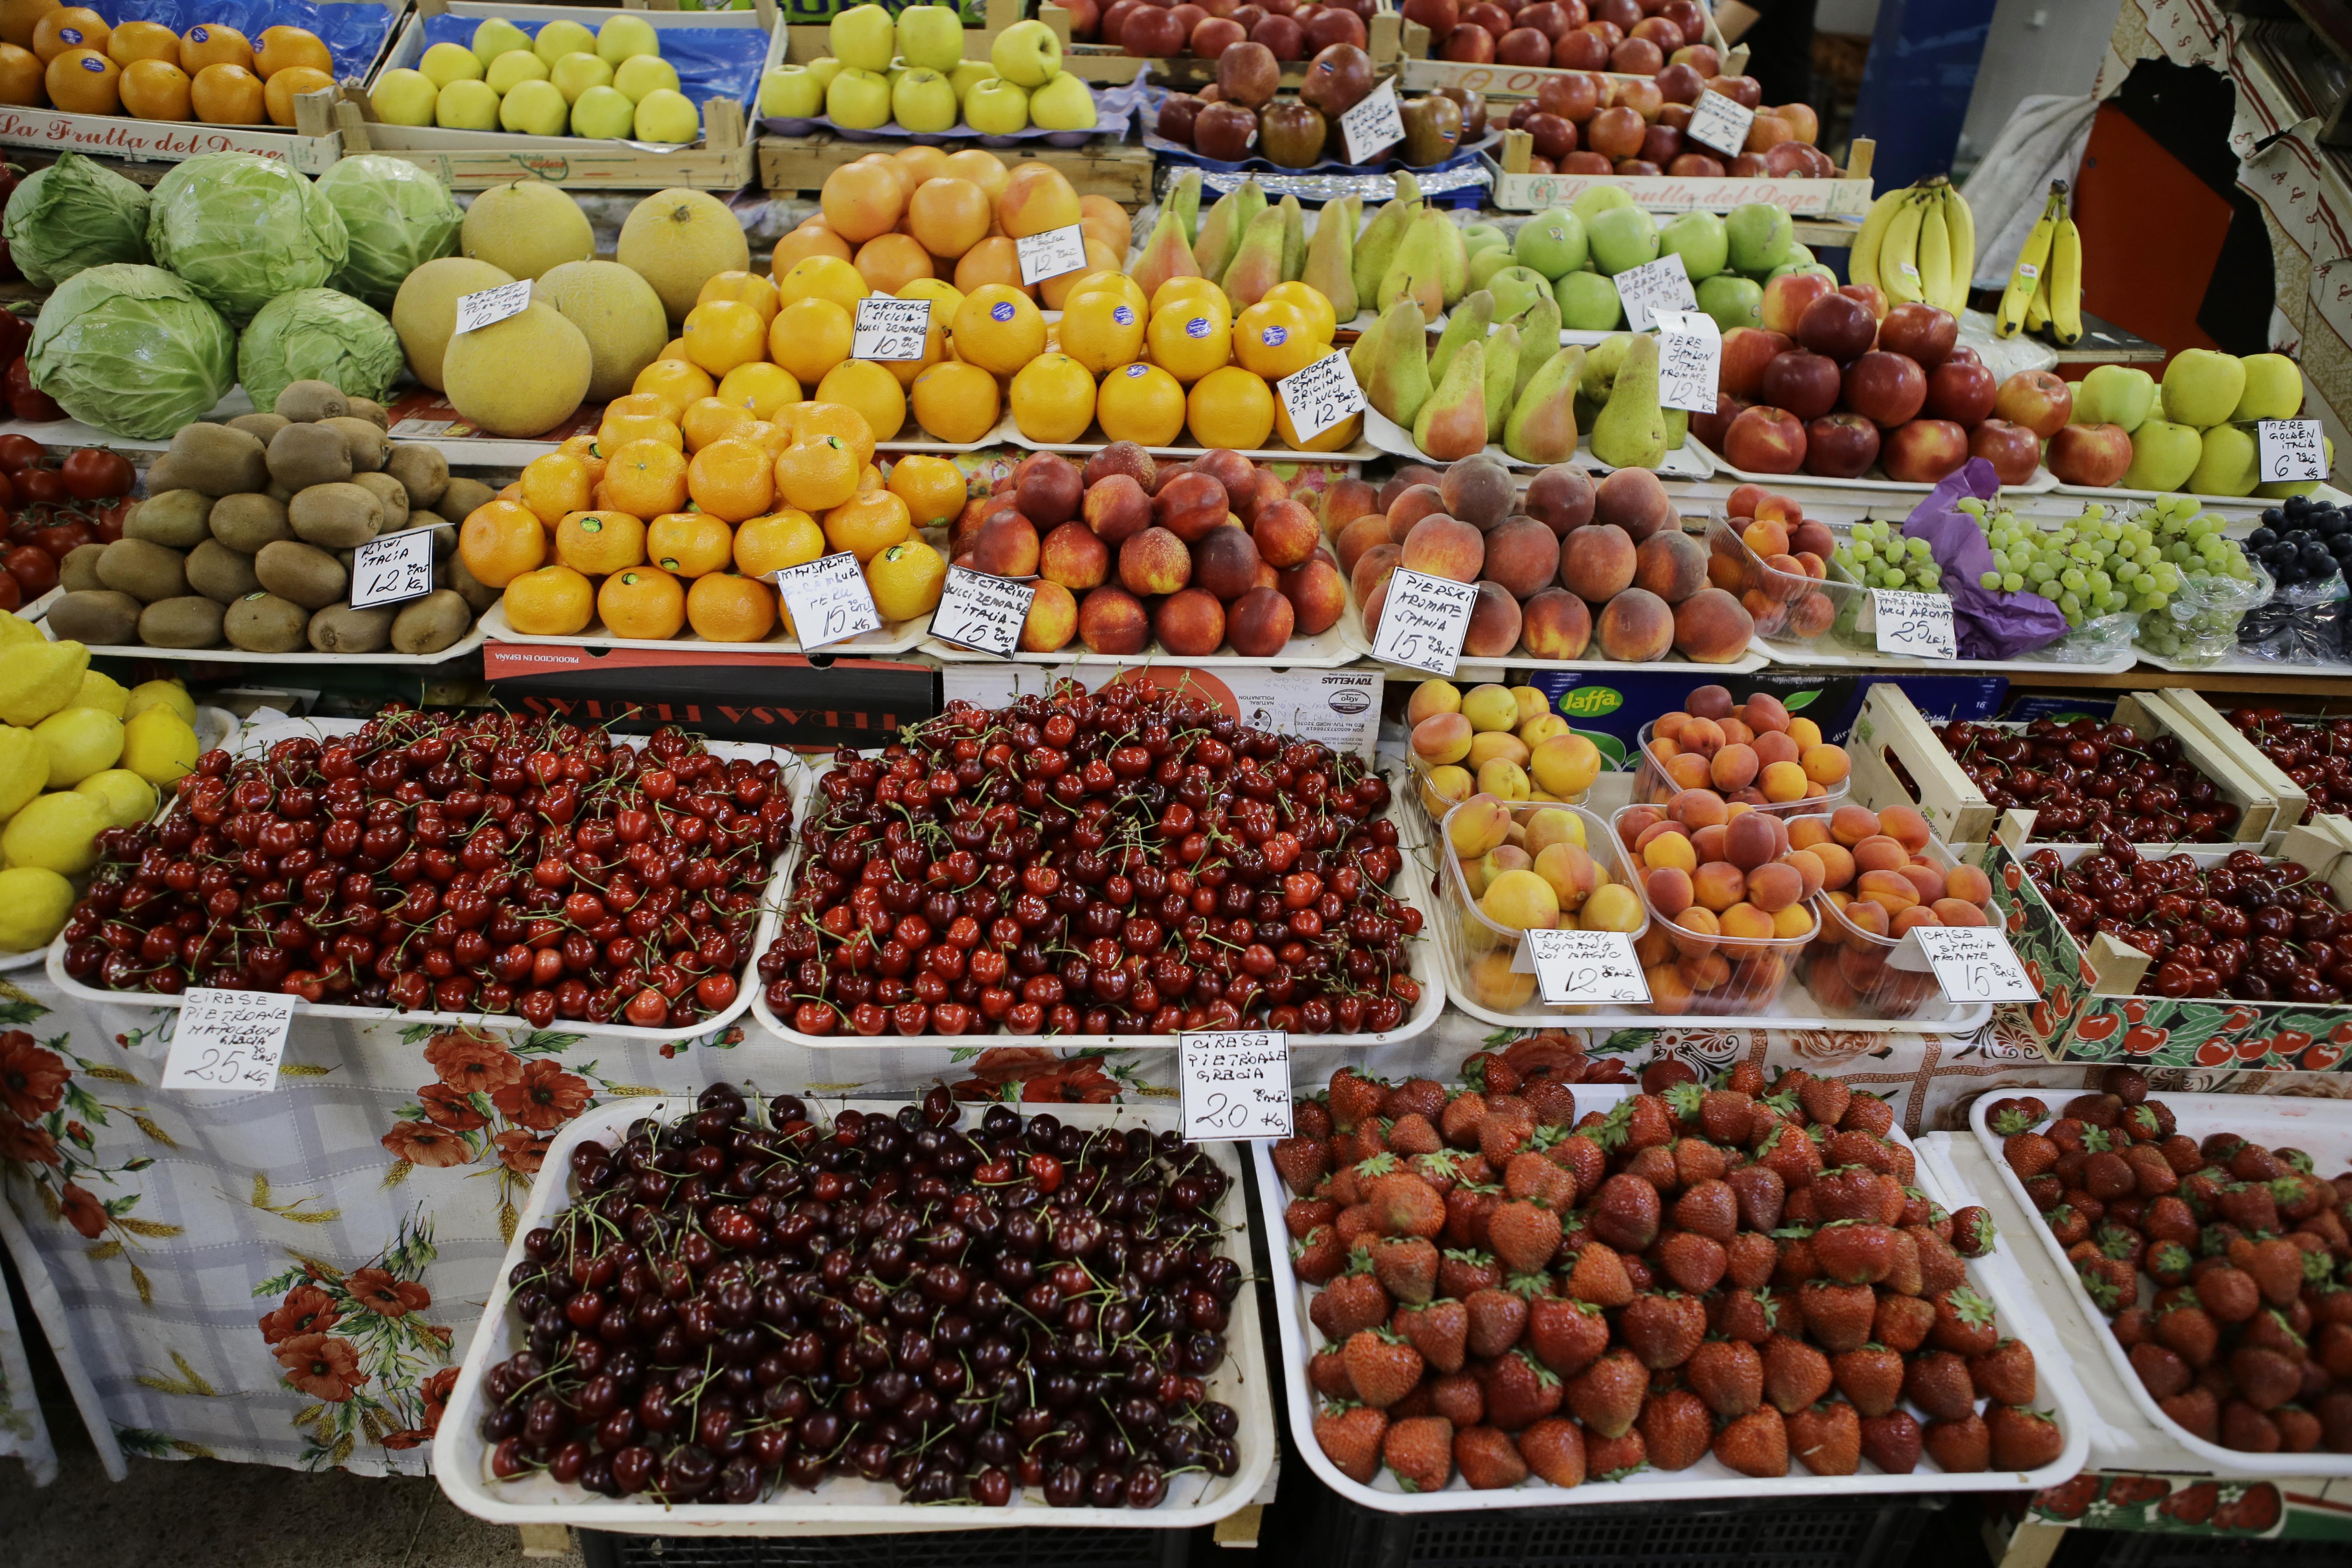 Alertă alimentară! Fructele și legumele sunt pericol public. Ce s-a descoperit acum